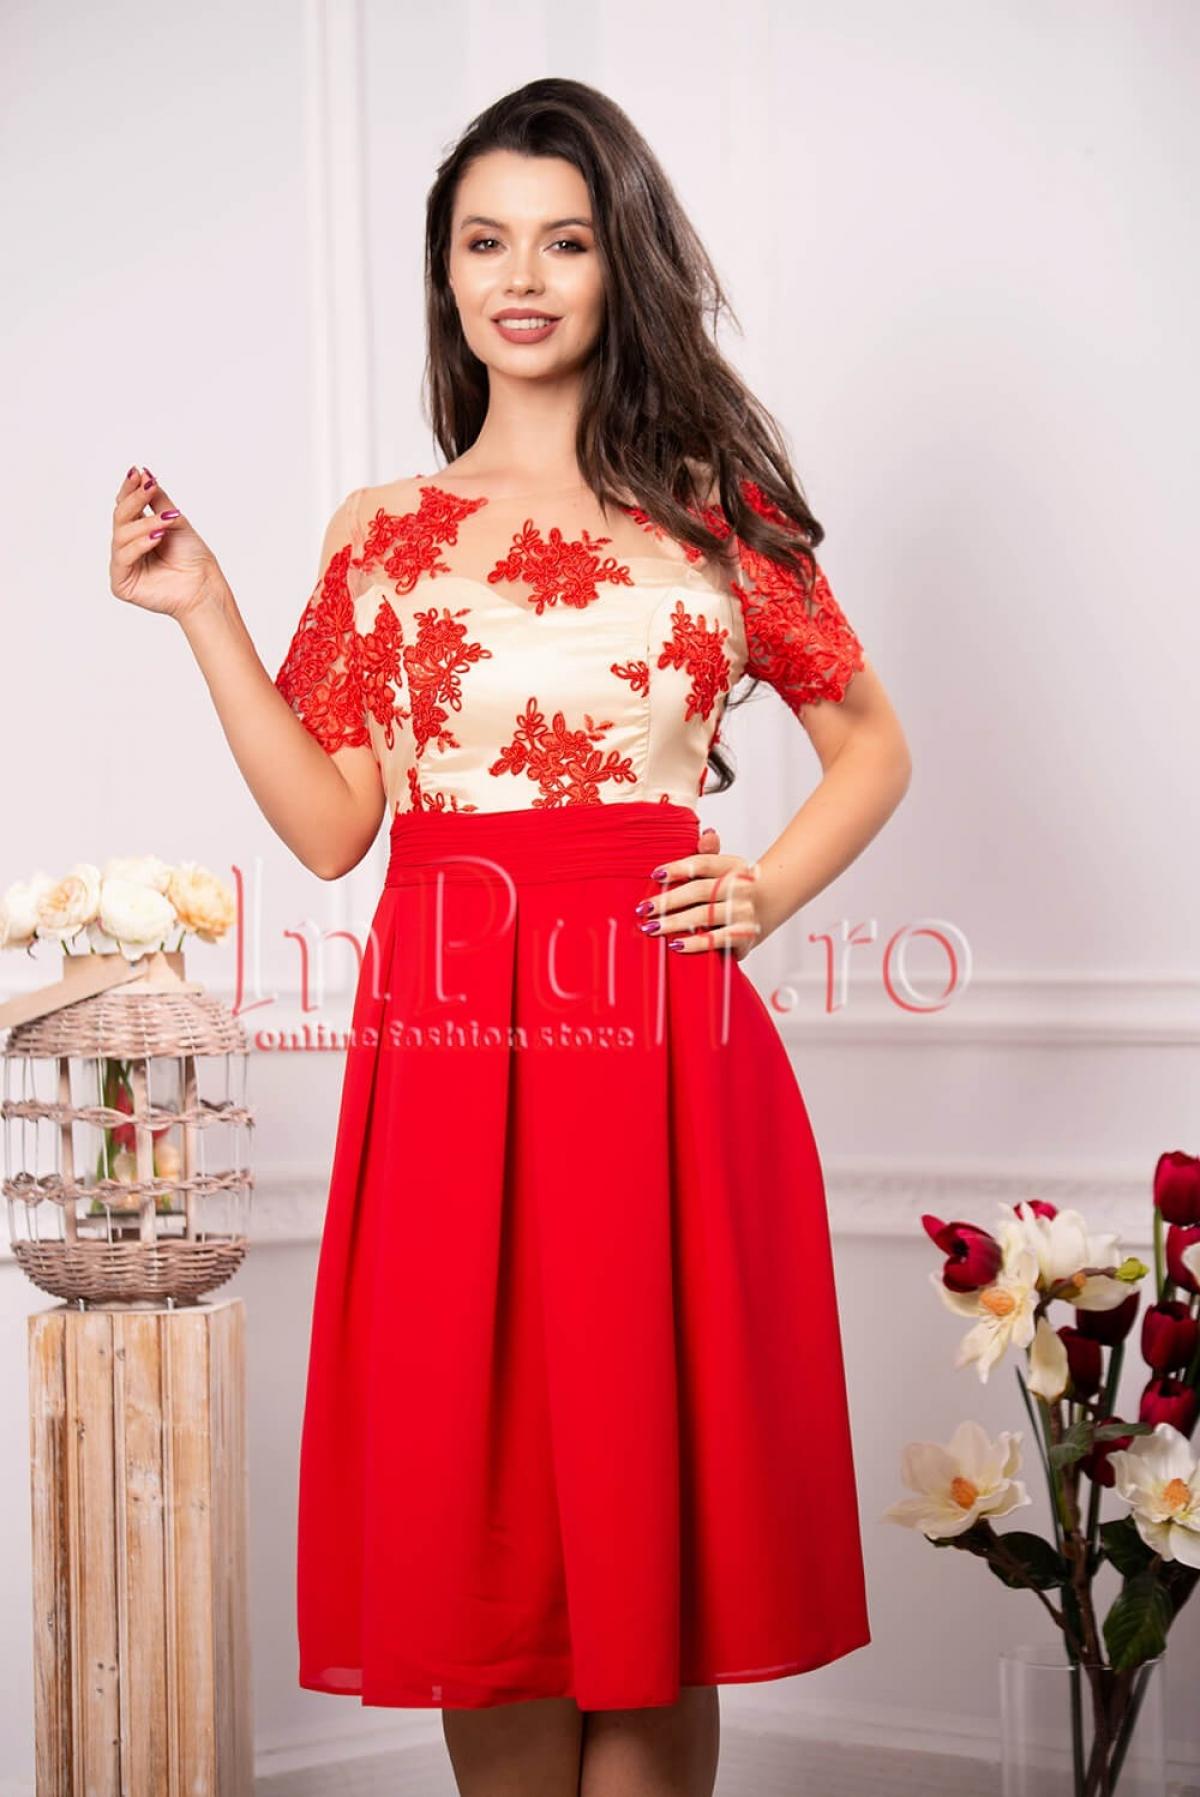 Rochie eleganta de seara rosie cu broderie florala si tul